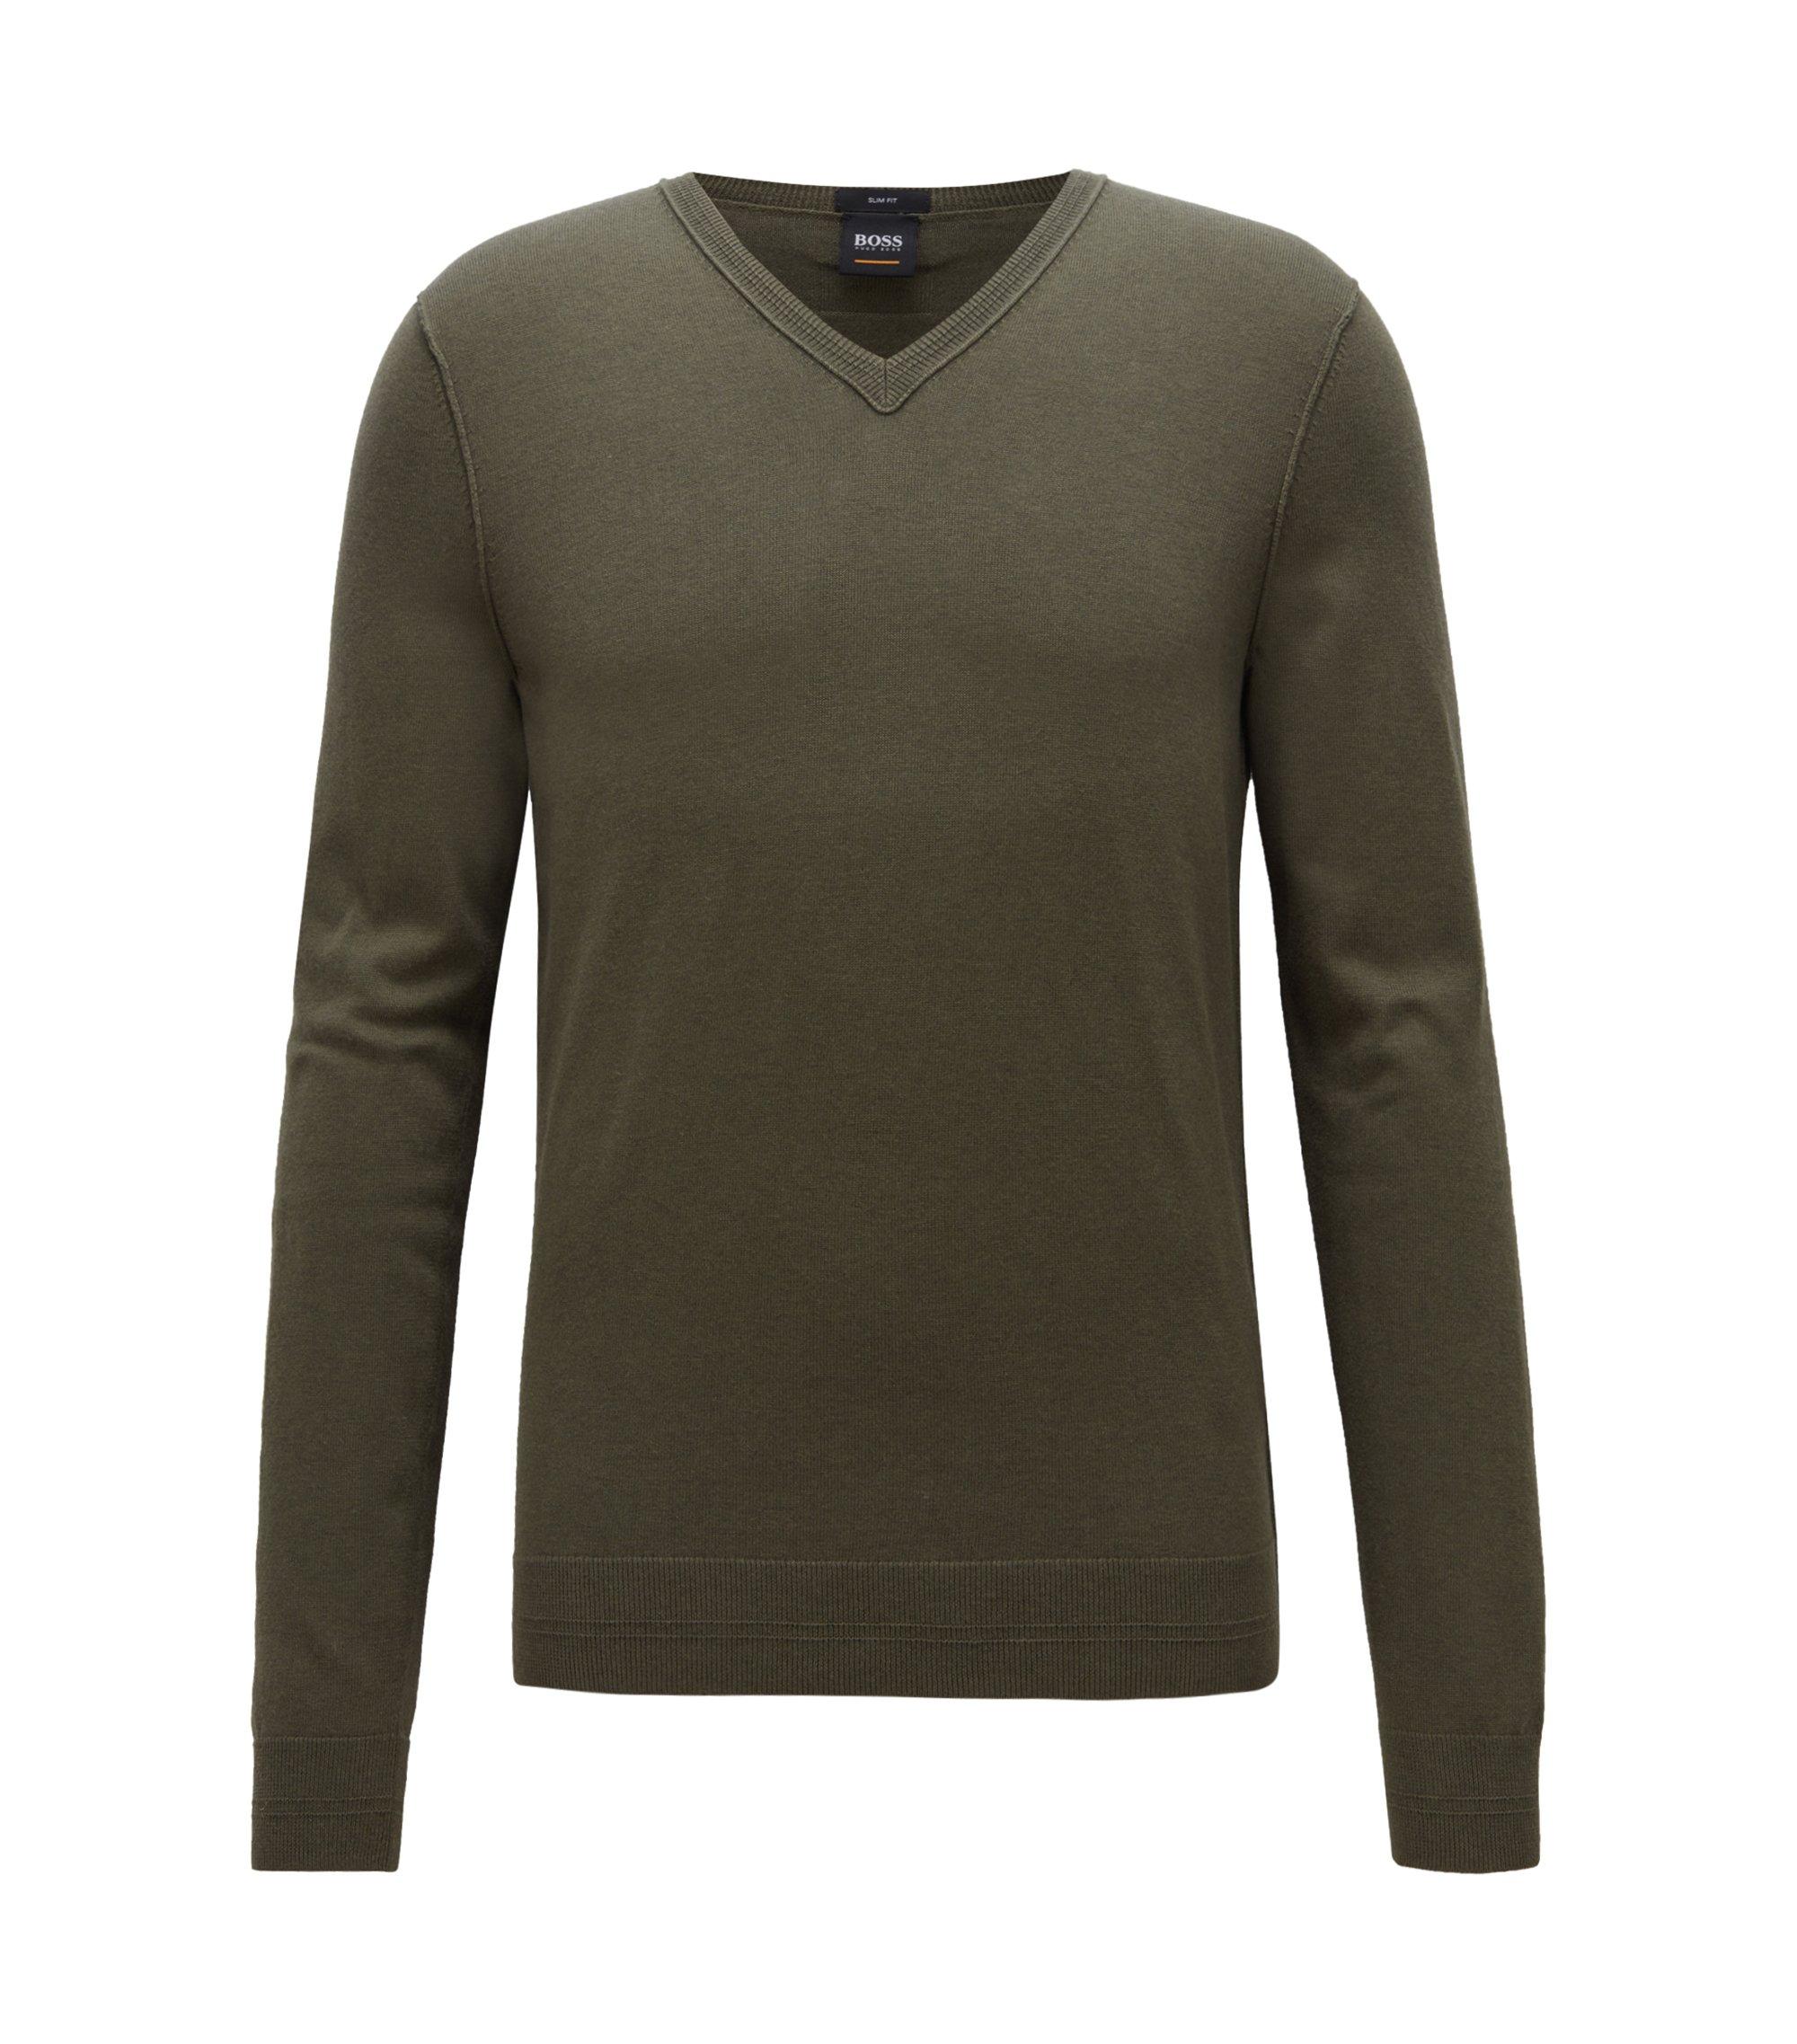 Pullover aus Baumwoll-Mix mit gerippten 3D-Details, Dunkelgrün